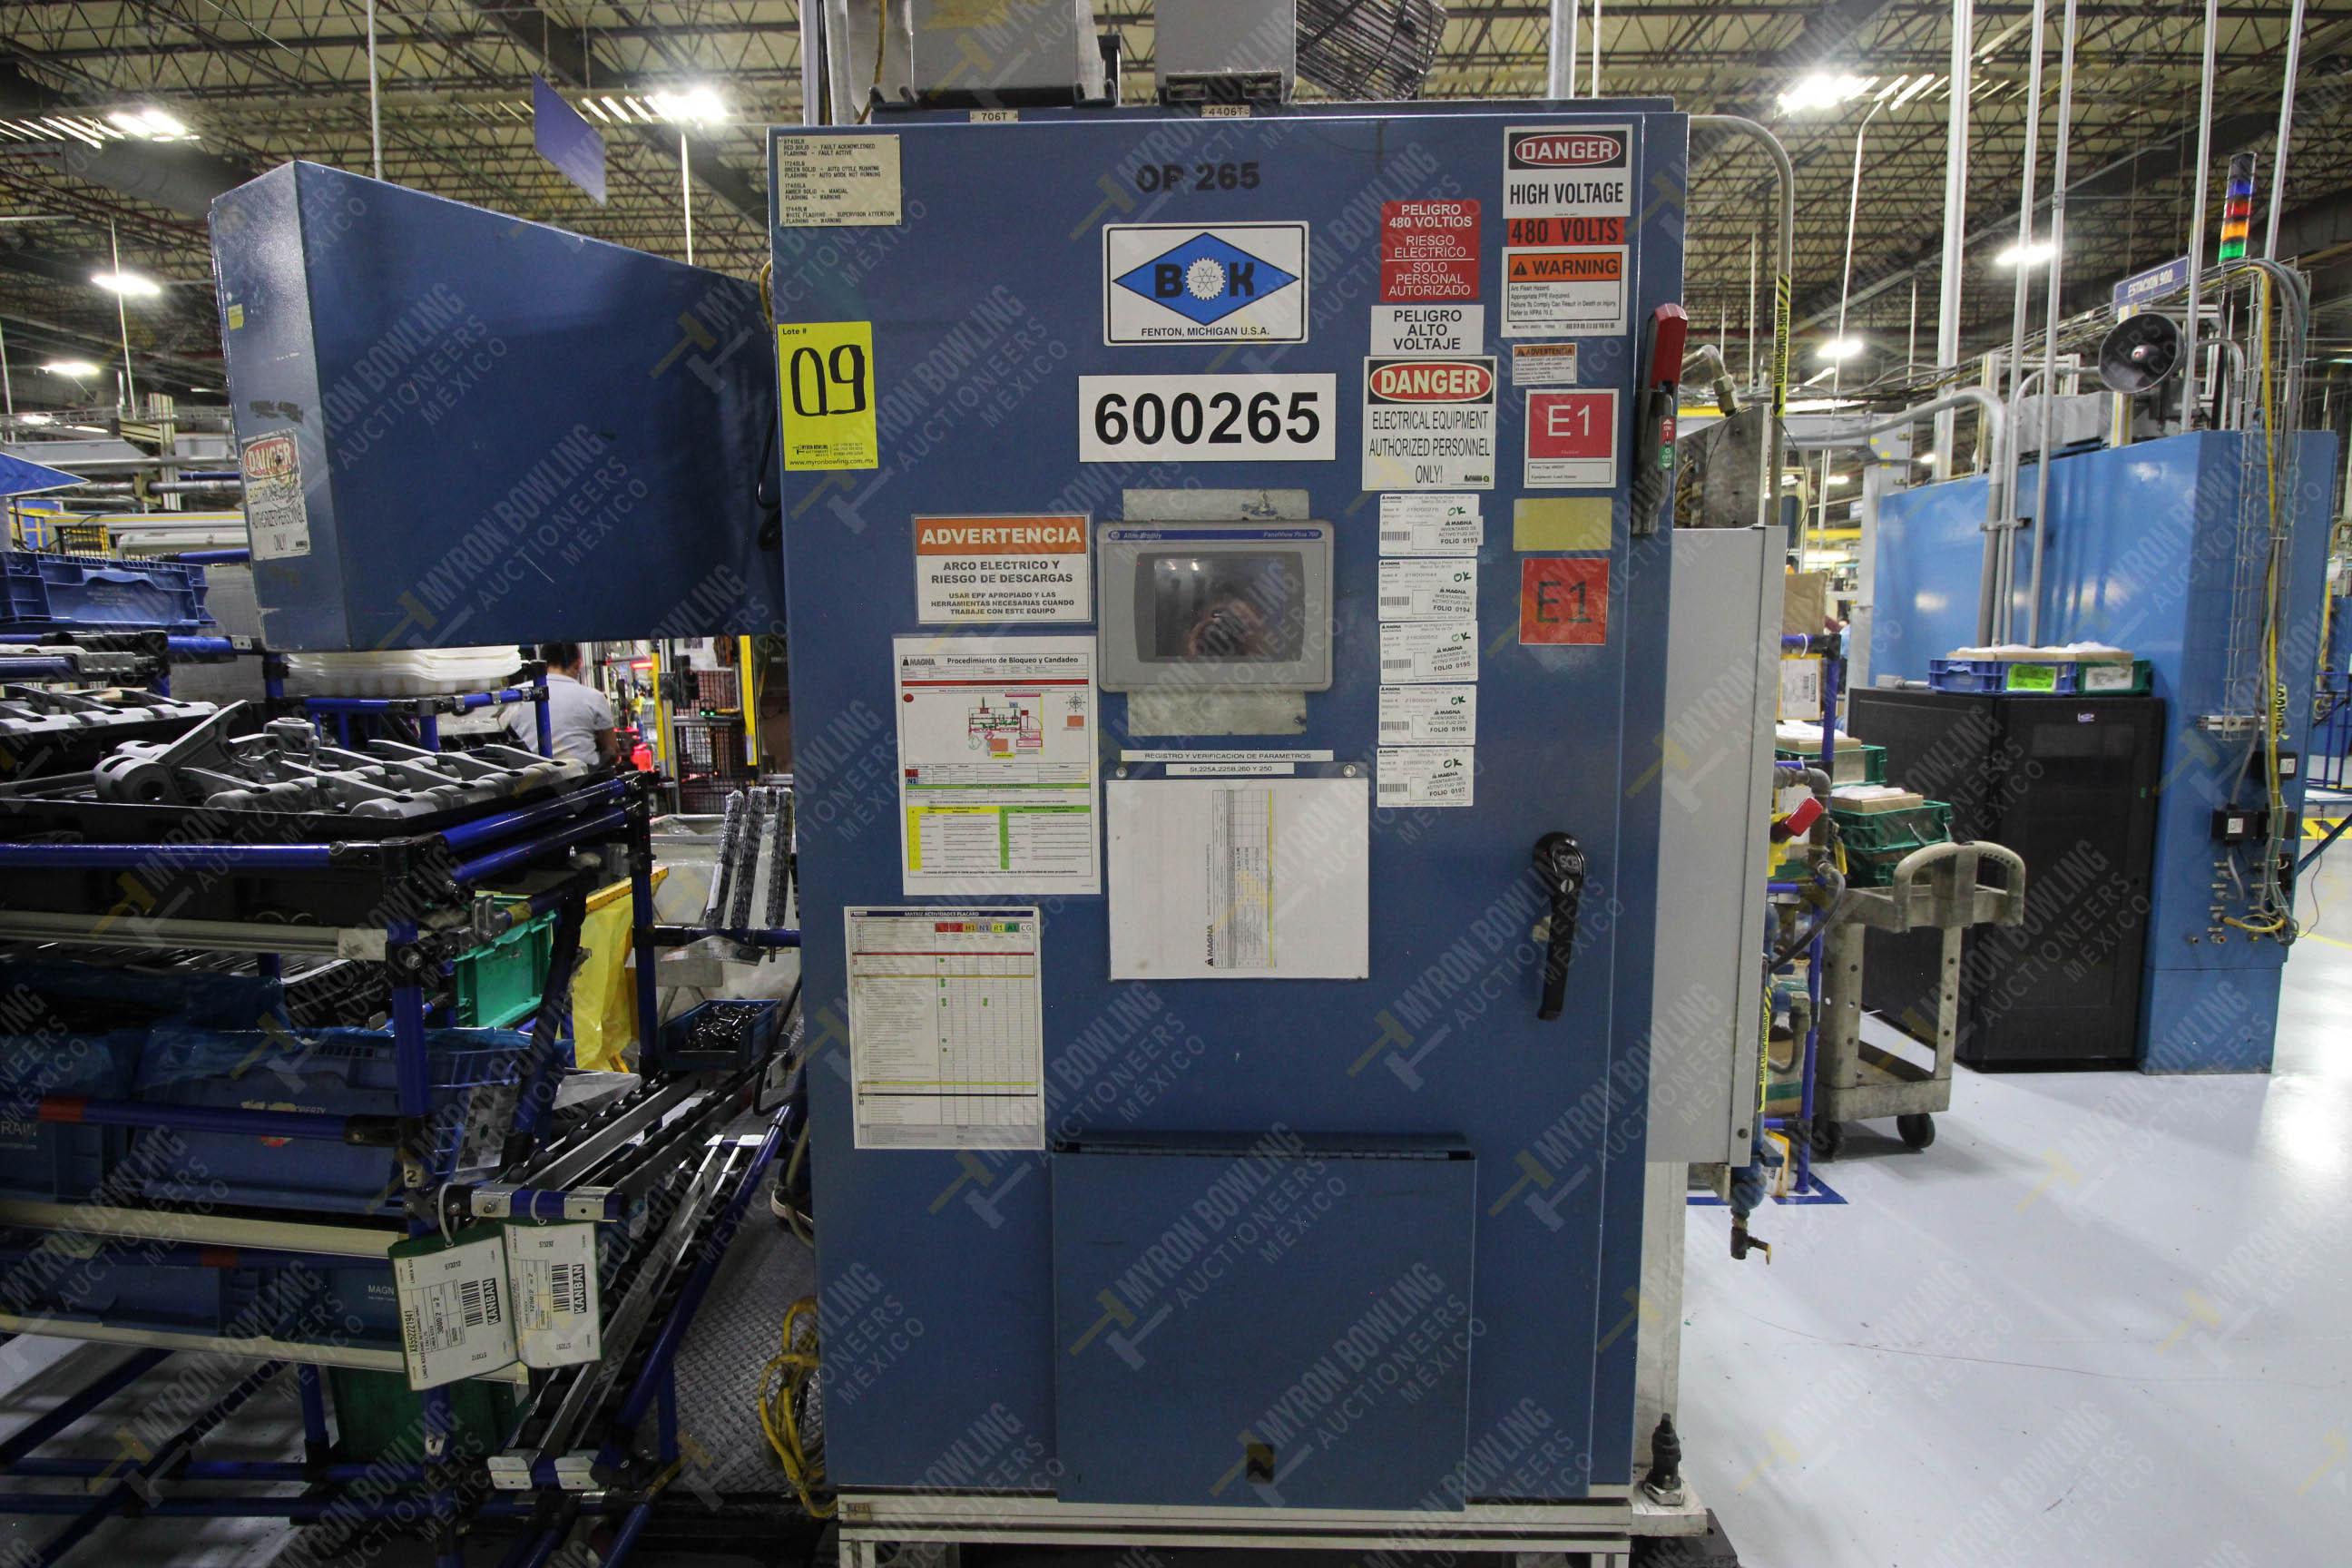 Estación semiautomática para operación 265A y 265B de ensamble de resorte, candado y ponchado - Image 22 of 30